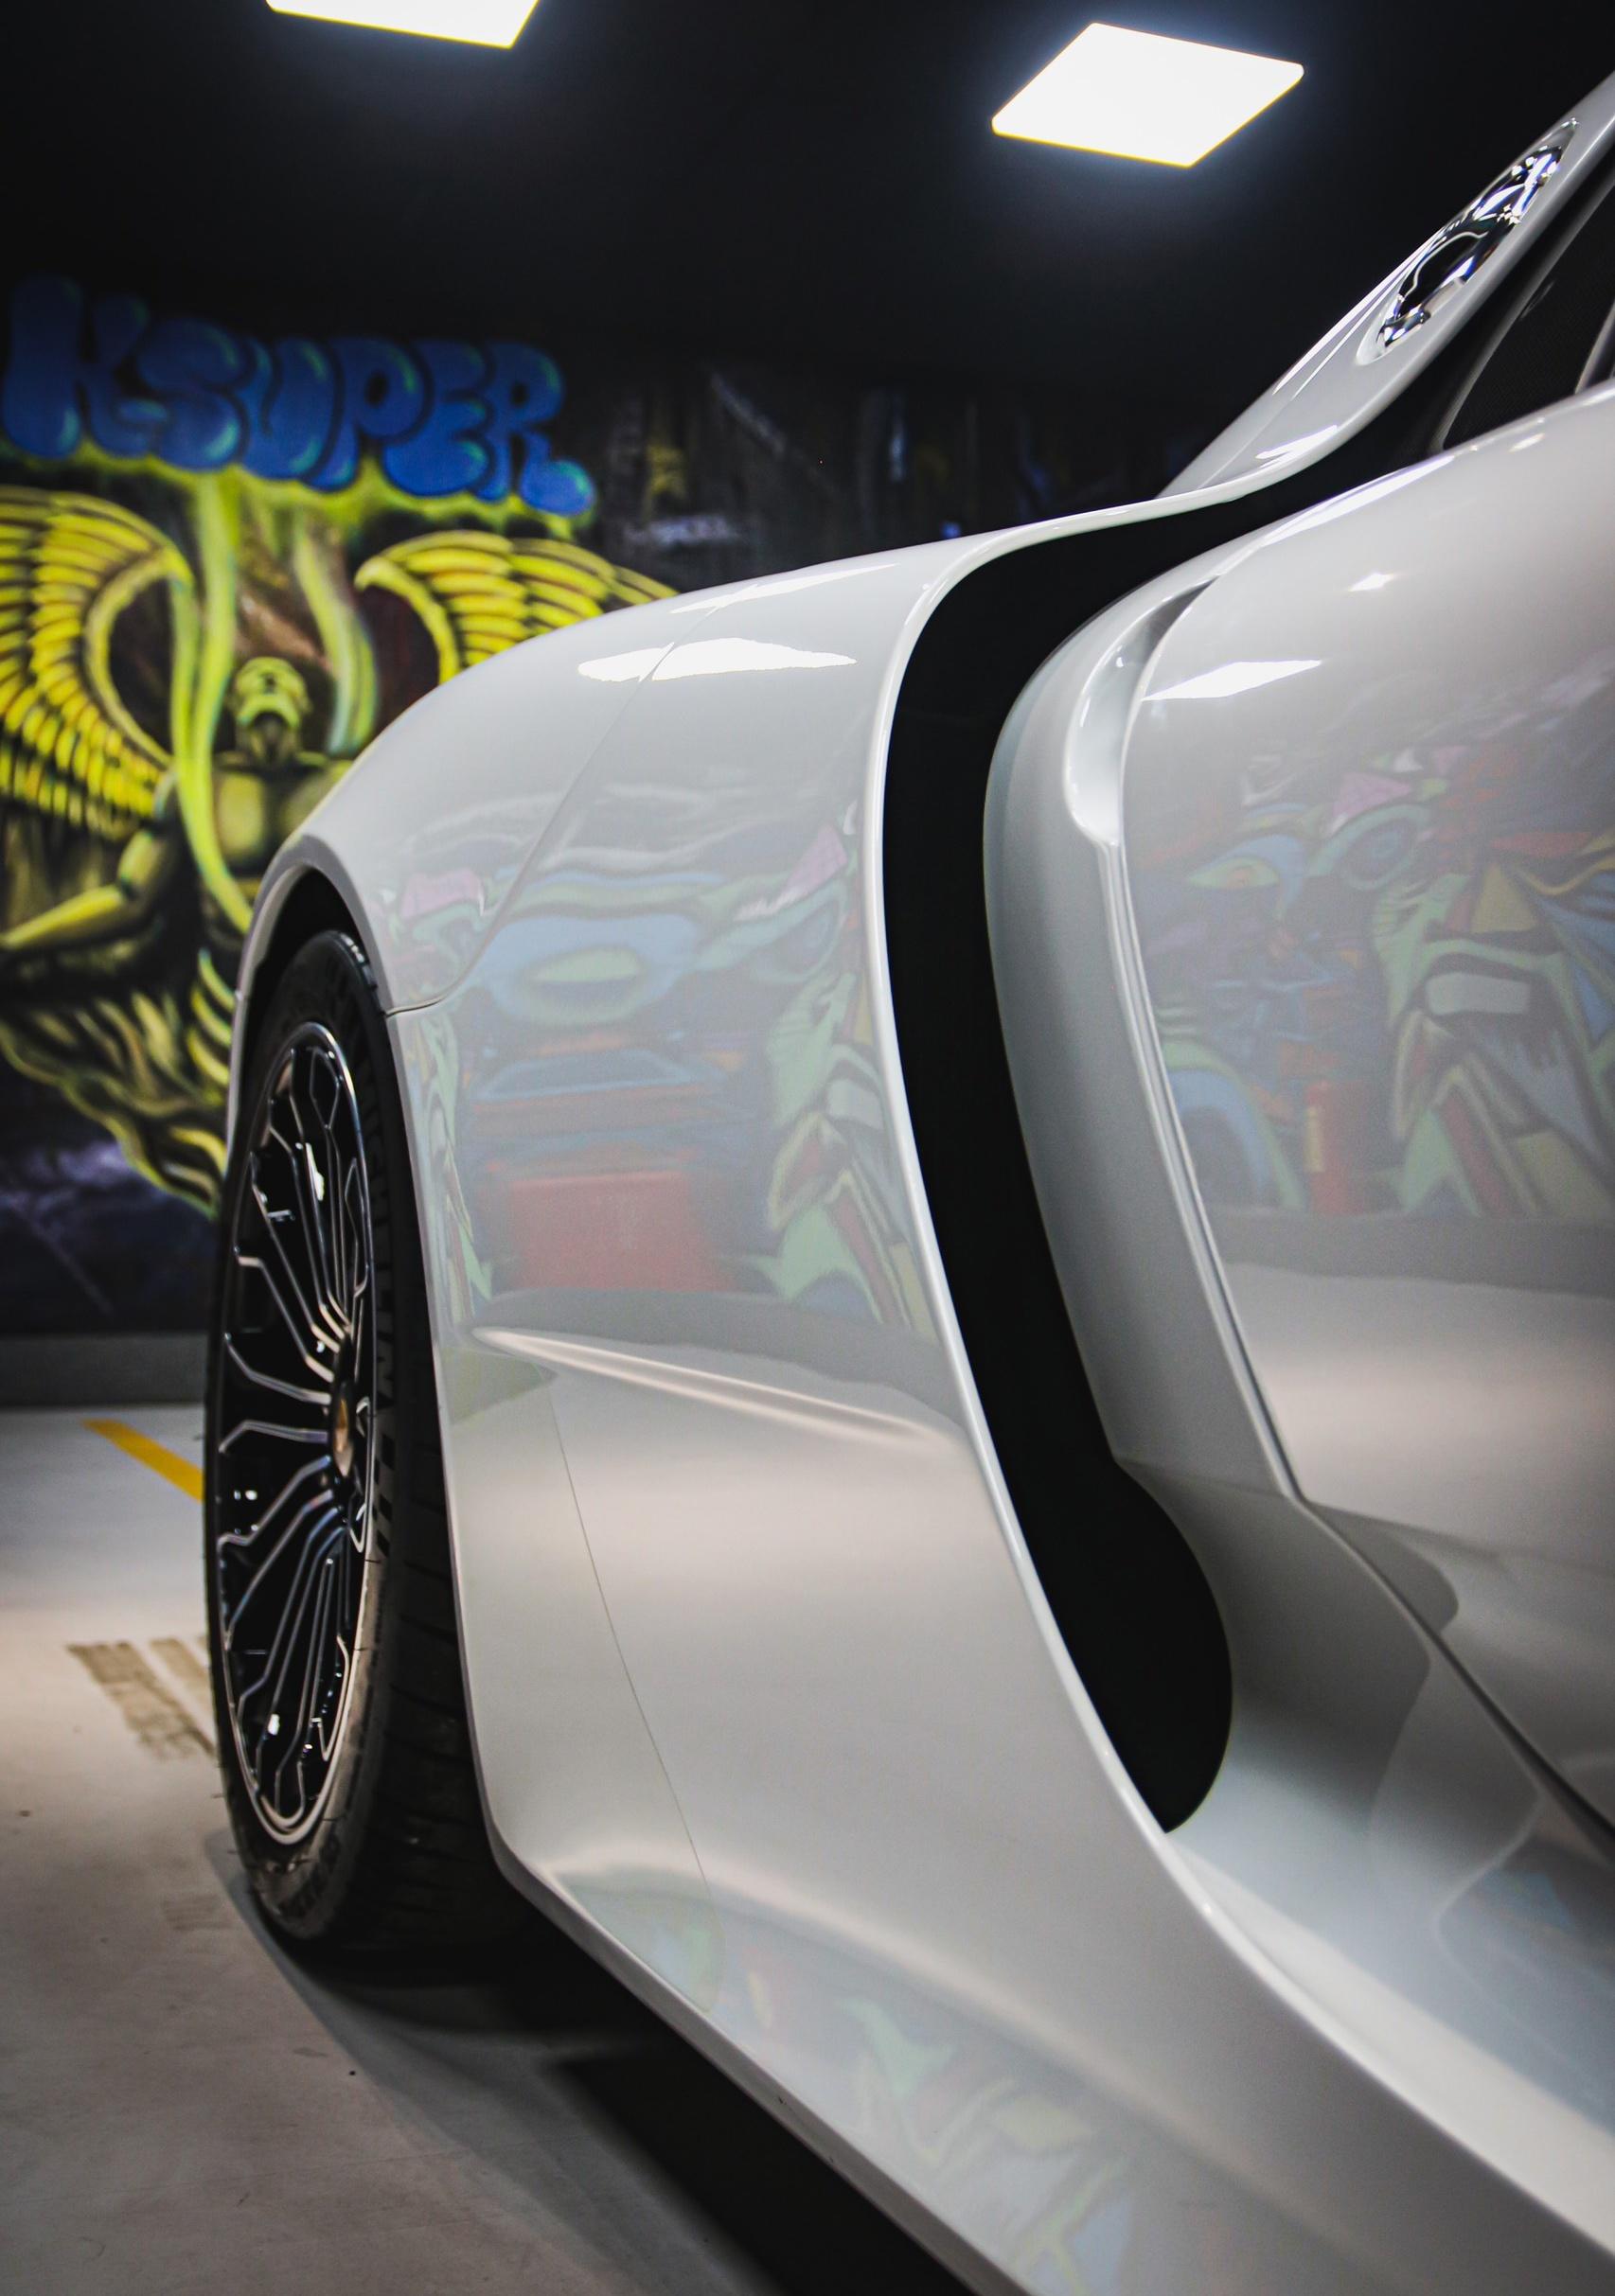 Siêu xe đắt nhất của Porsche về Việt Nam, giá khoảng 60 tỷ đồng - Ảnh 12.